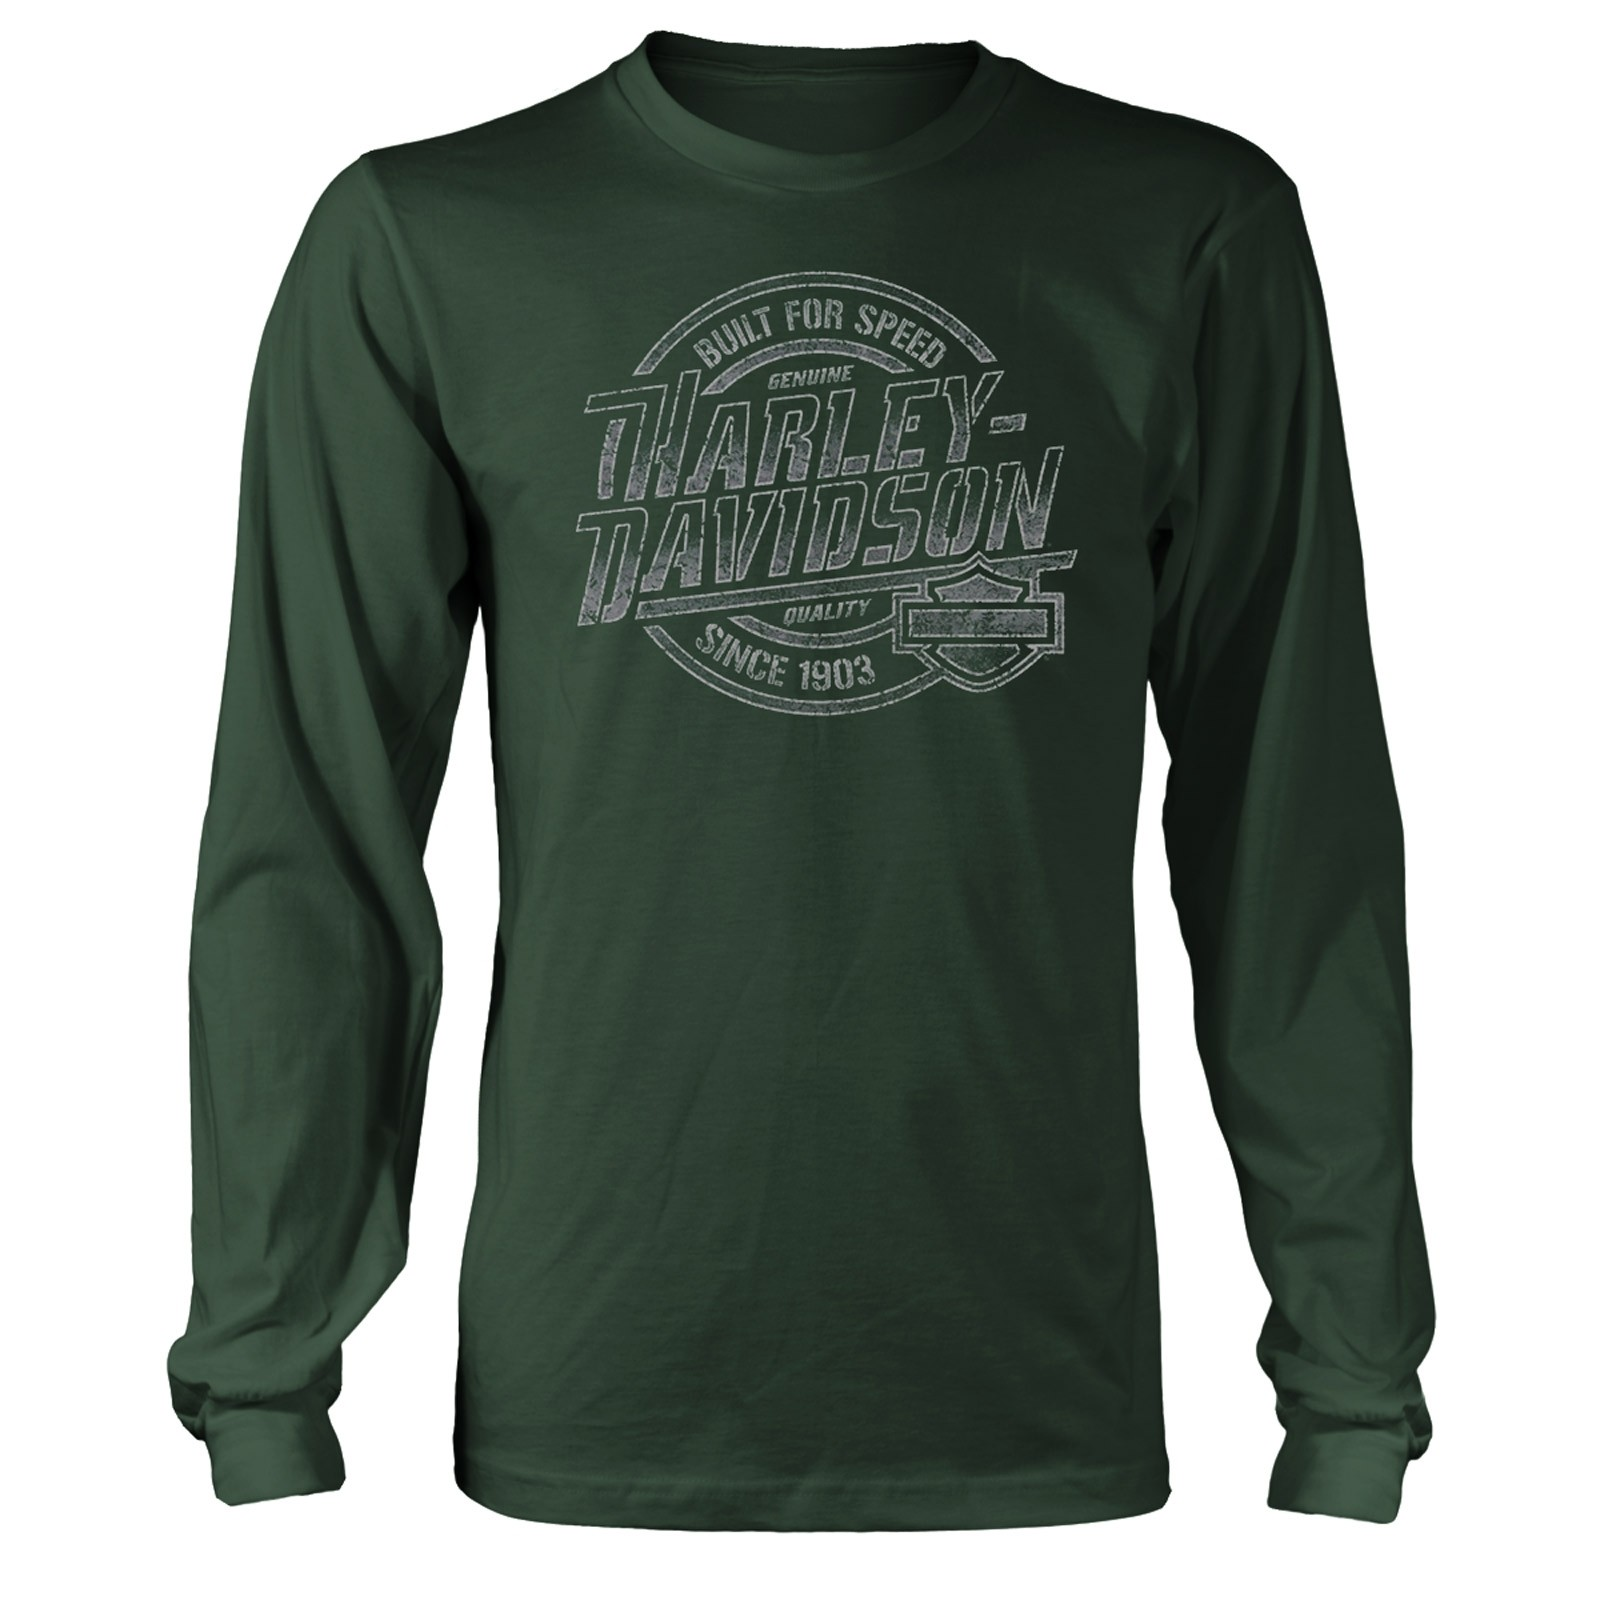 Men's Graphic Long-Sleeve T-Shirt - RAF Mildenhall | Firepower